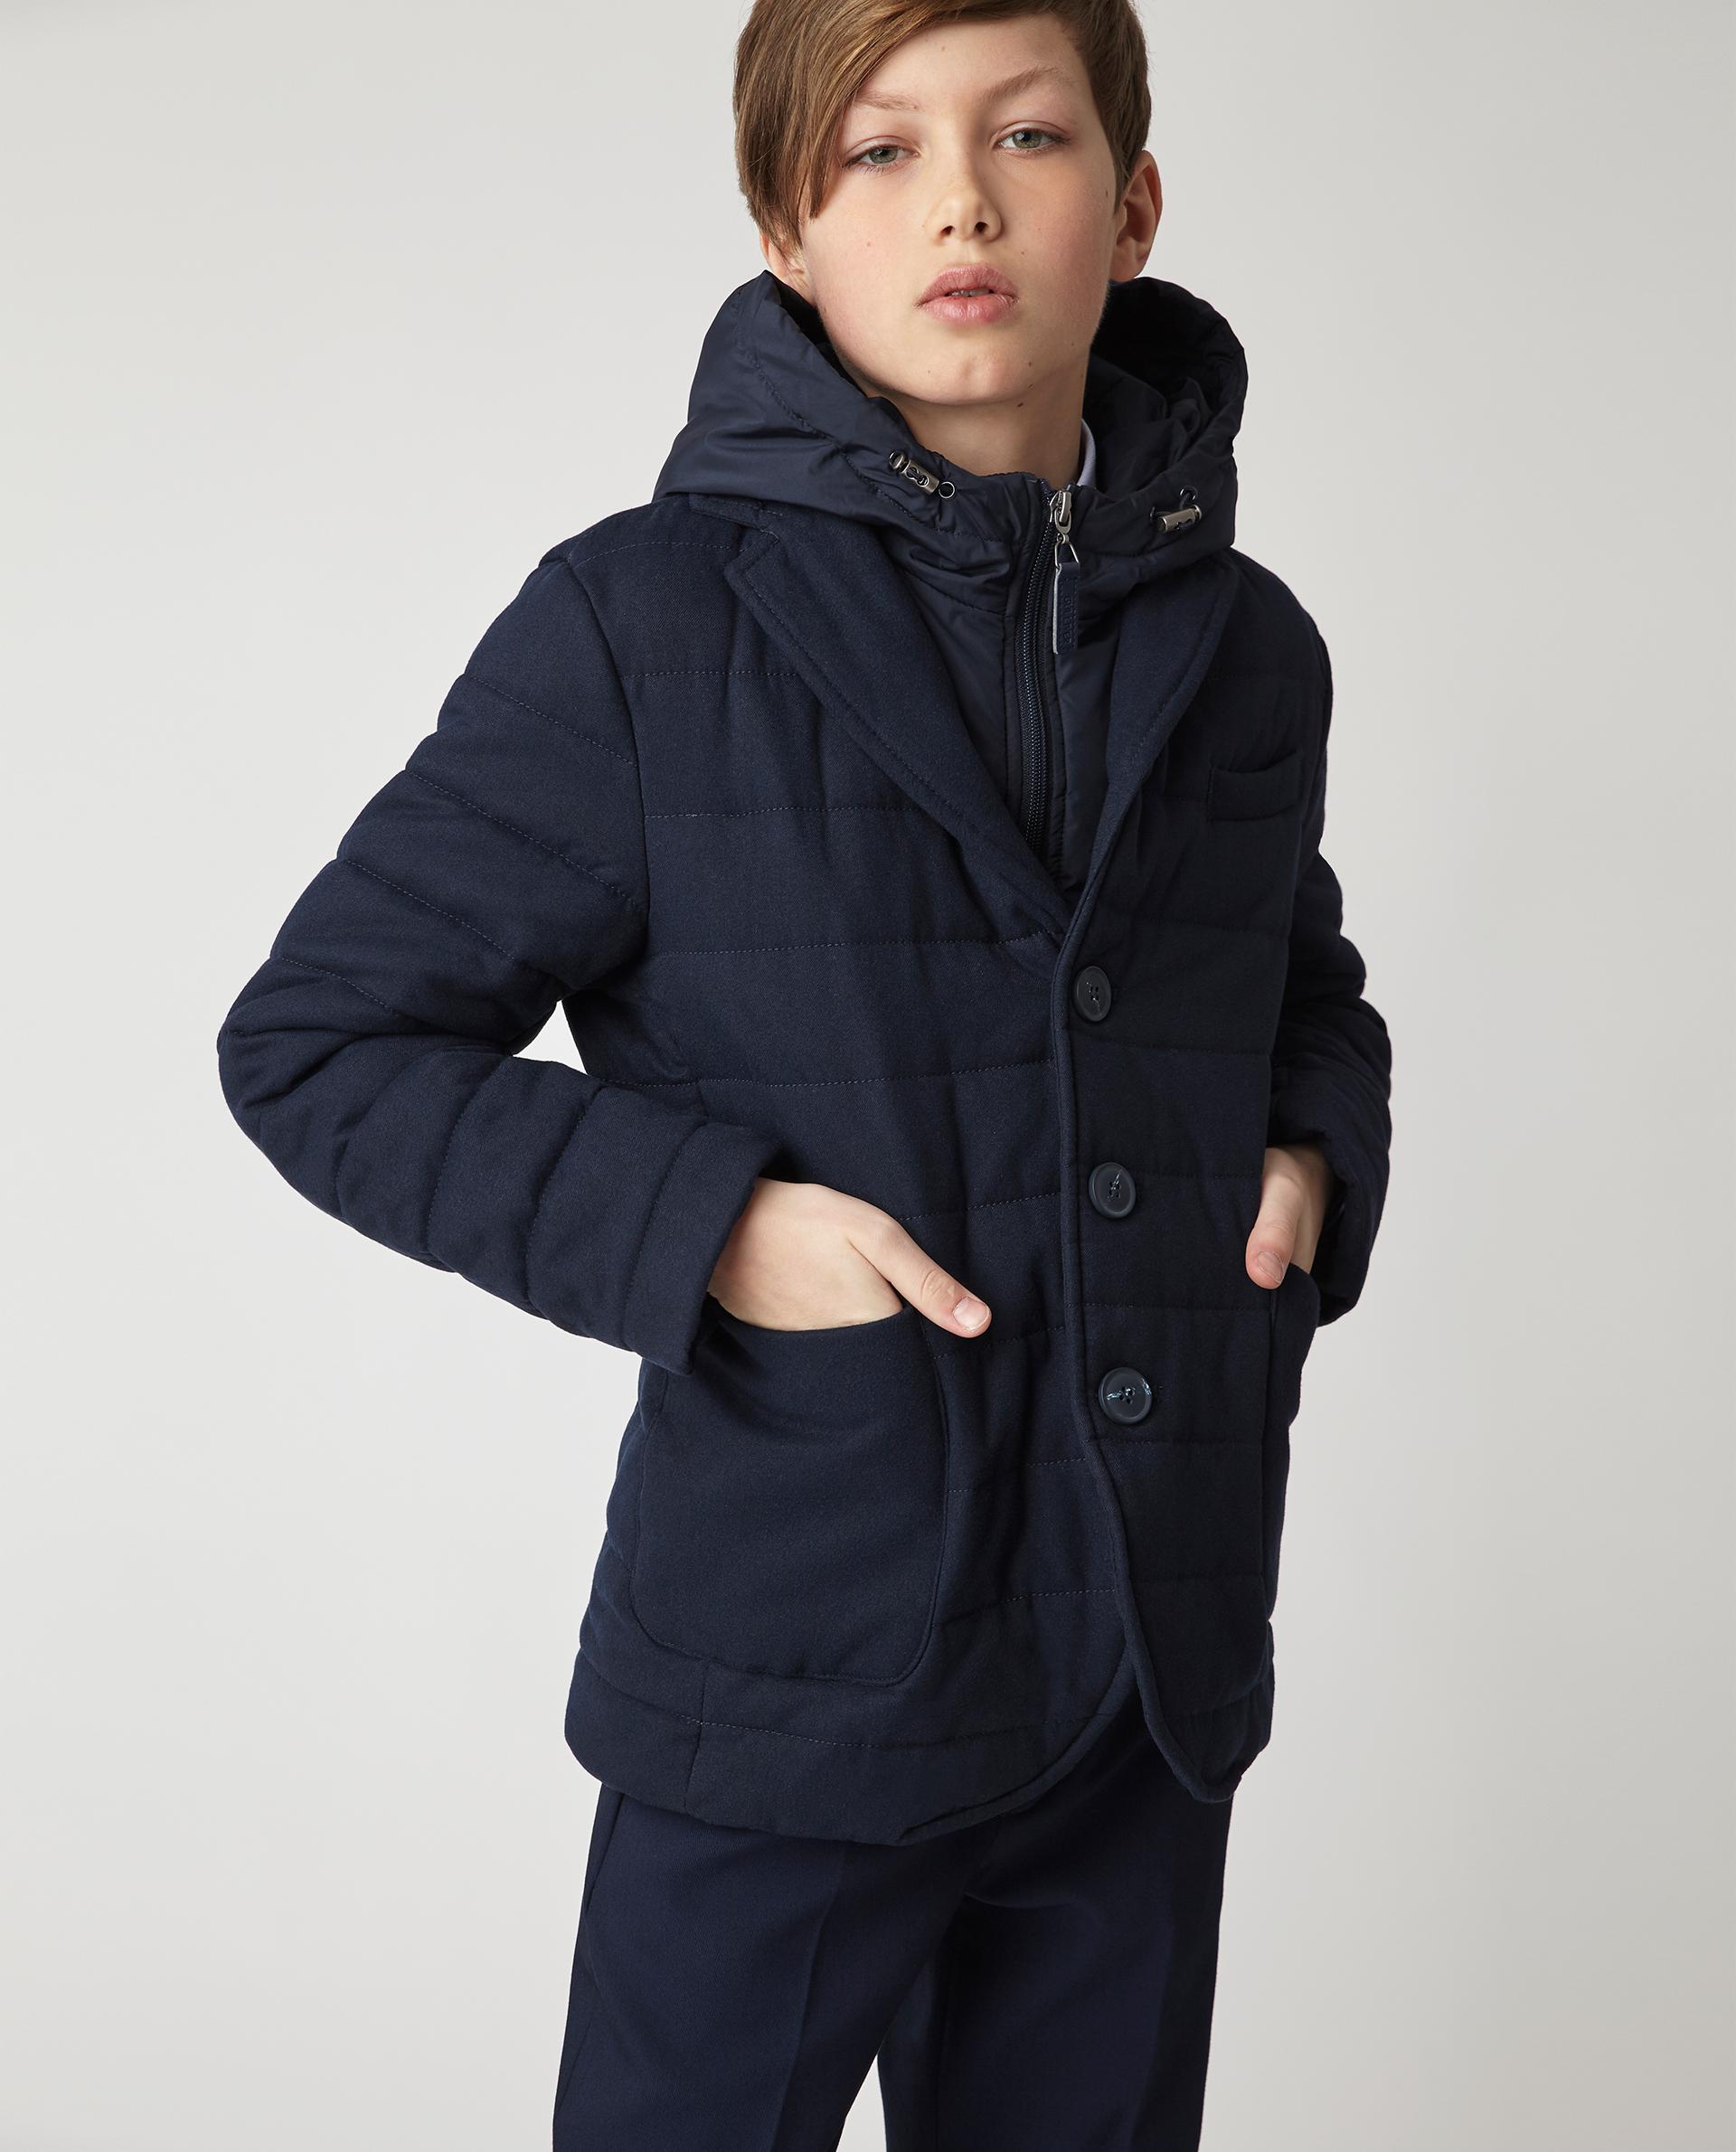 Купить 220GSBC4101, Синяя демисезонная куртка Gulliver, синий, 140, Мужской, Демисезон, ШКОЛЬНАЯ ФОРМА 2020-2021 (shop: GulliverMarket Gulliver Market)